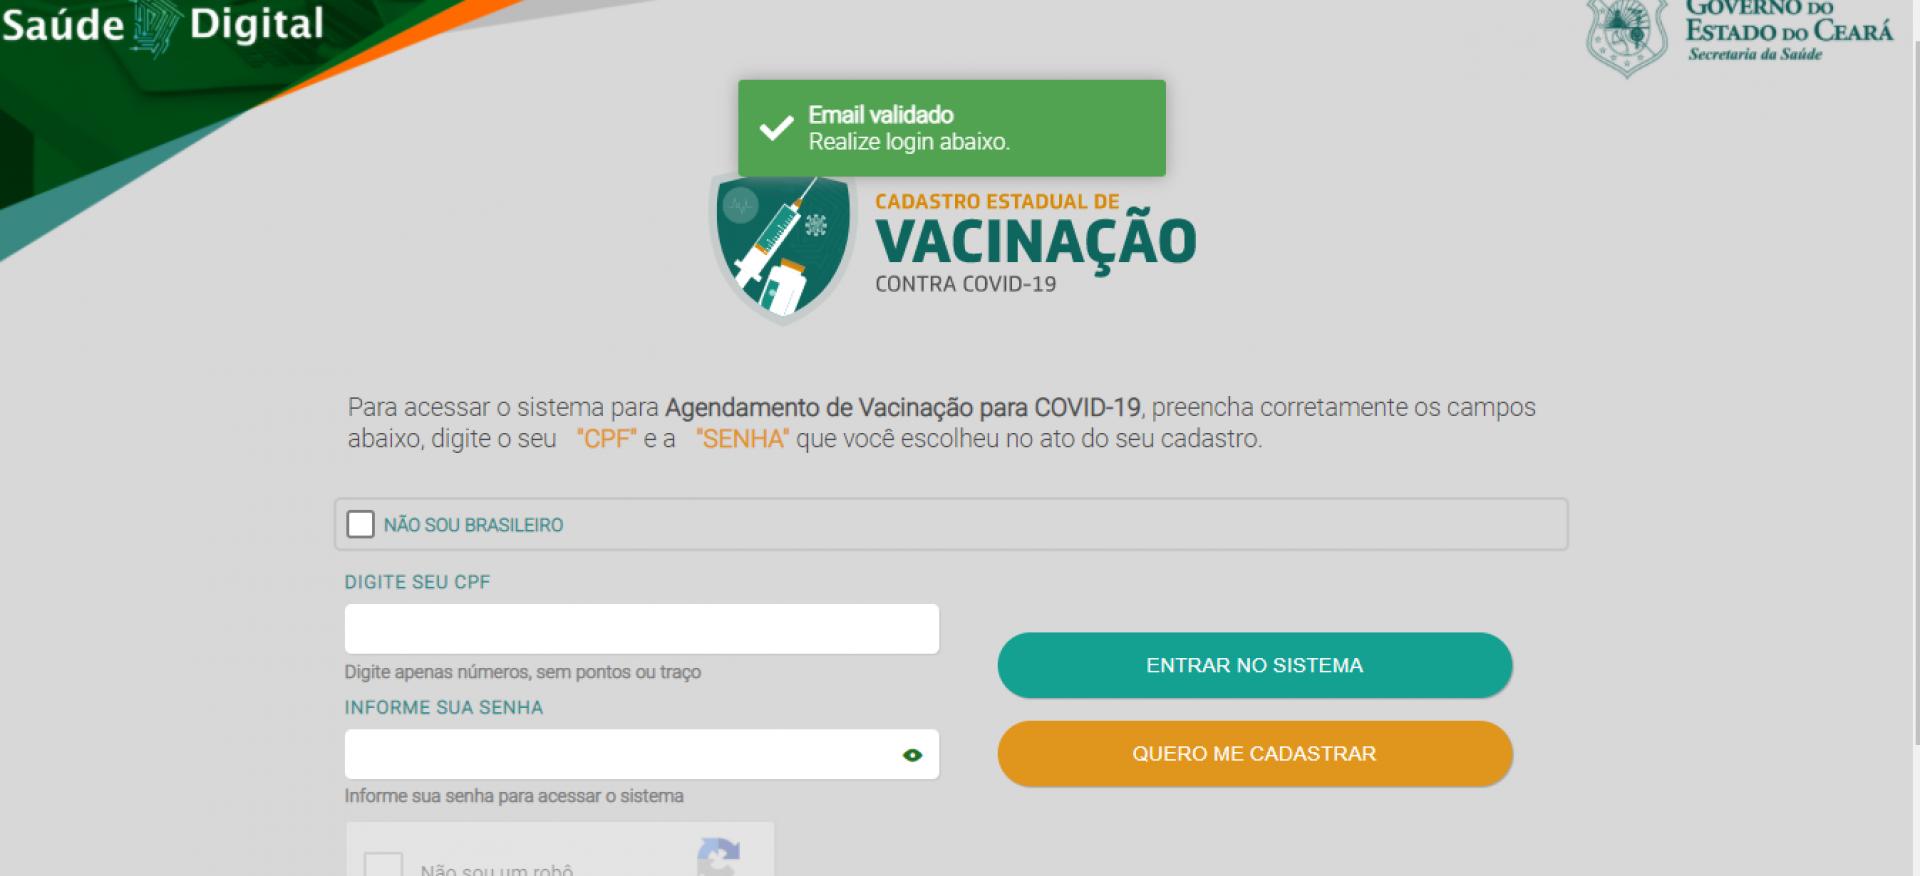 Tela 9 do cadastro para vacinação no Ceará